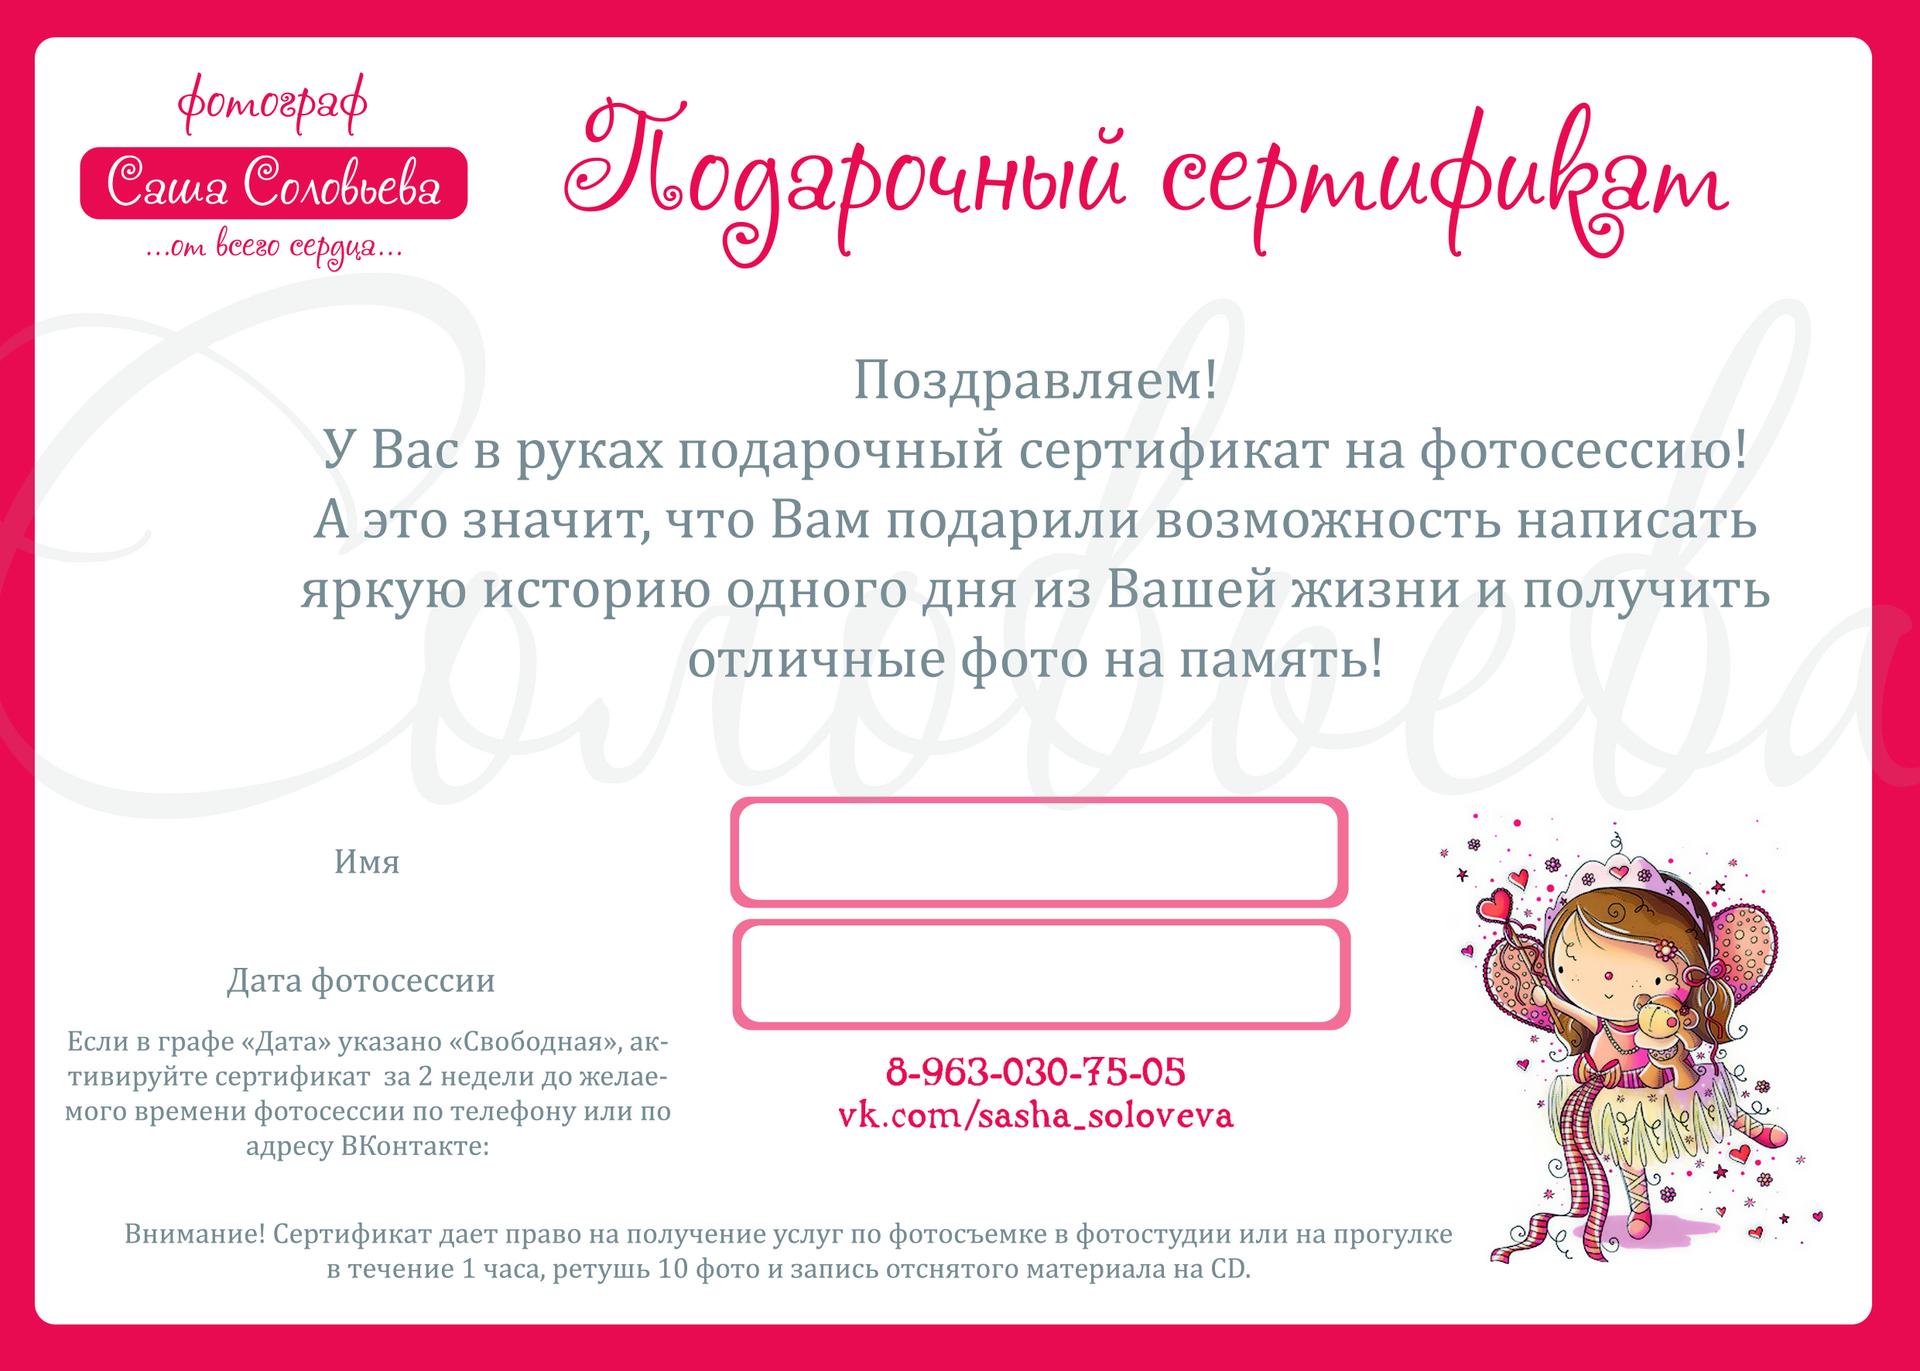 Подарочный сертификат на фотосессию беременным